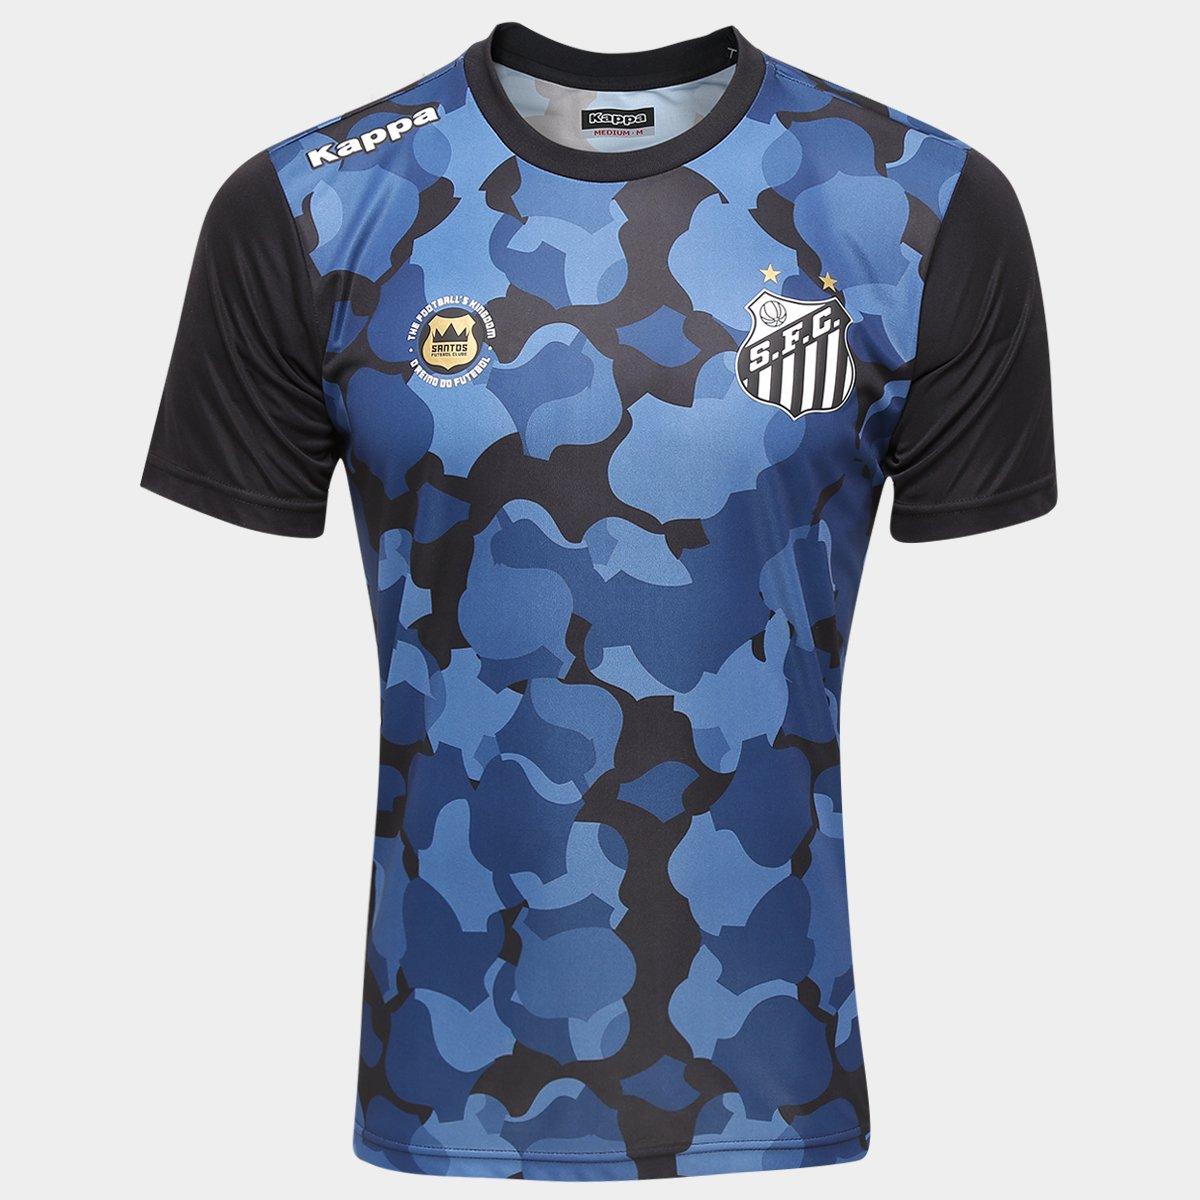 2968fa8950e50 Camisa de Treino Santos Pre Match 2016 Kappa Masculina - Compre Agora